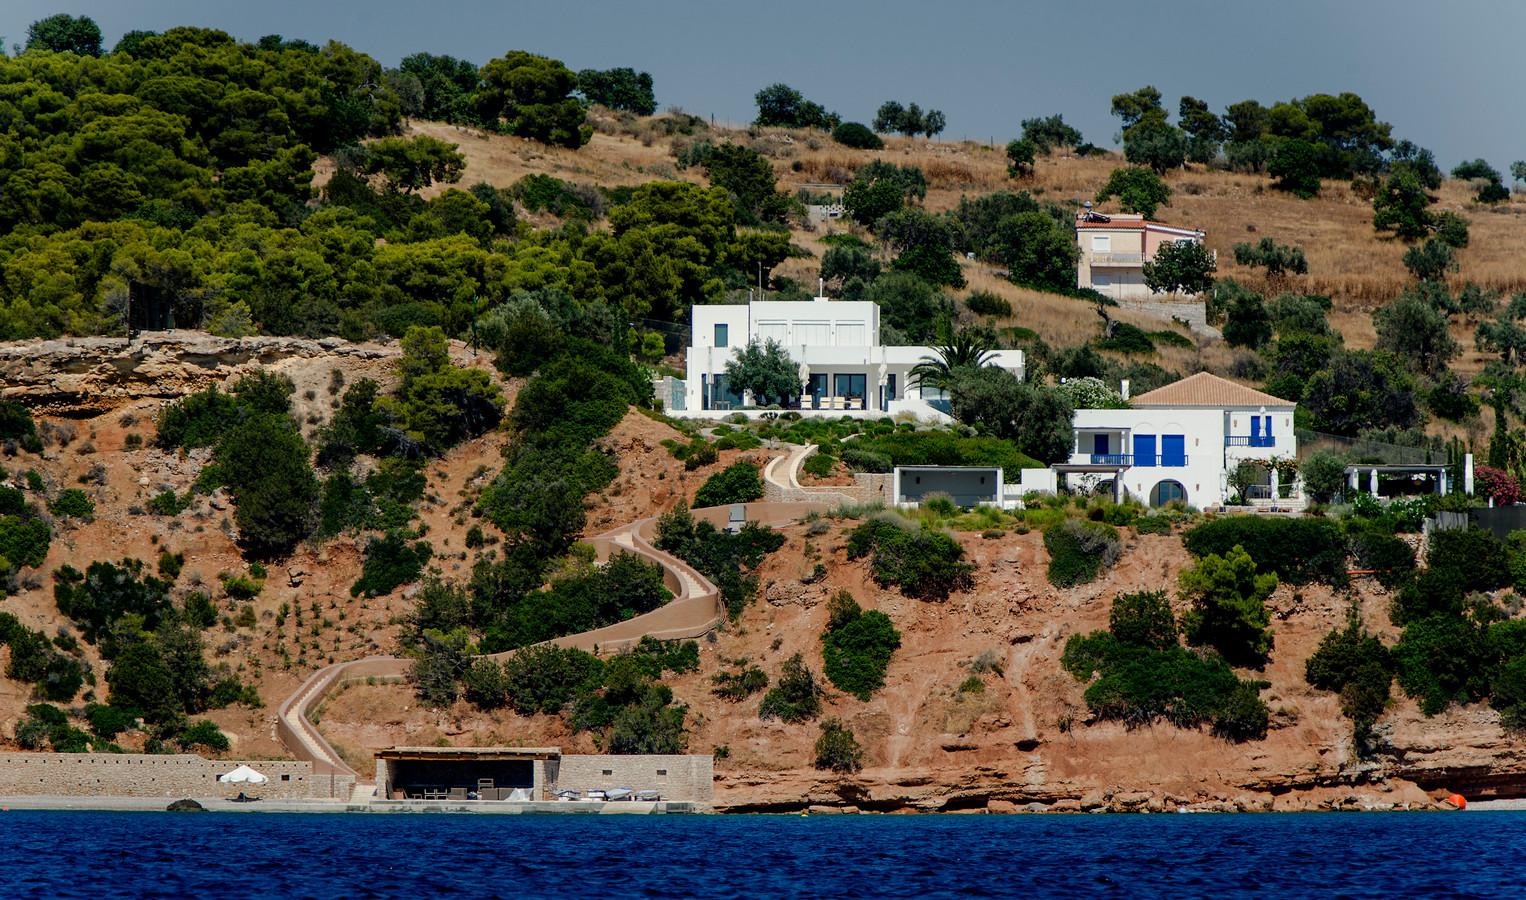 In de Tweede Kamer is met ergernis gereageerd op het vakantiebezoek van koning Willem-Alexander aan Griekenland